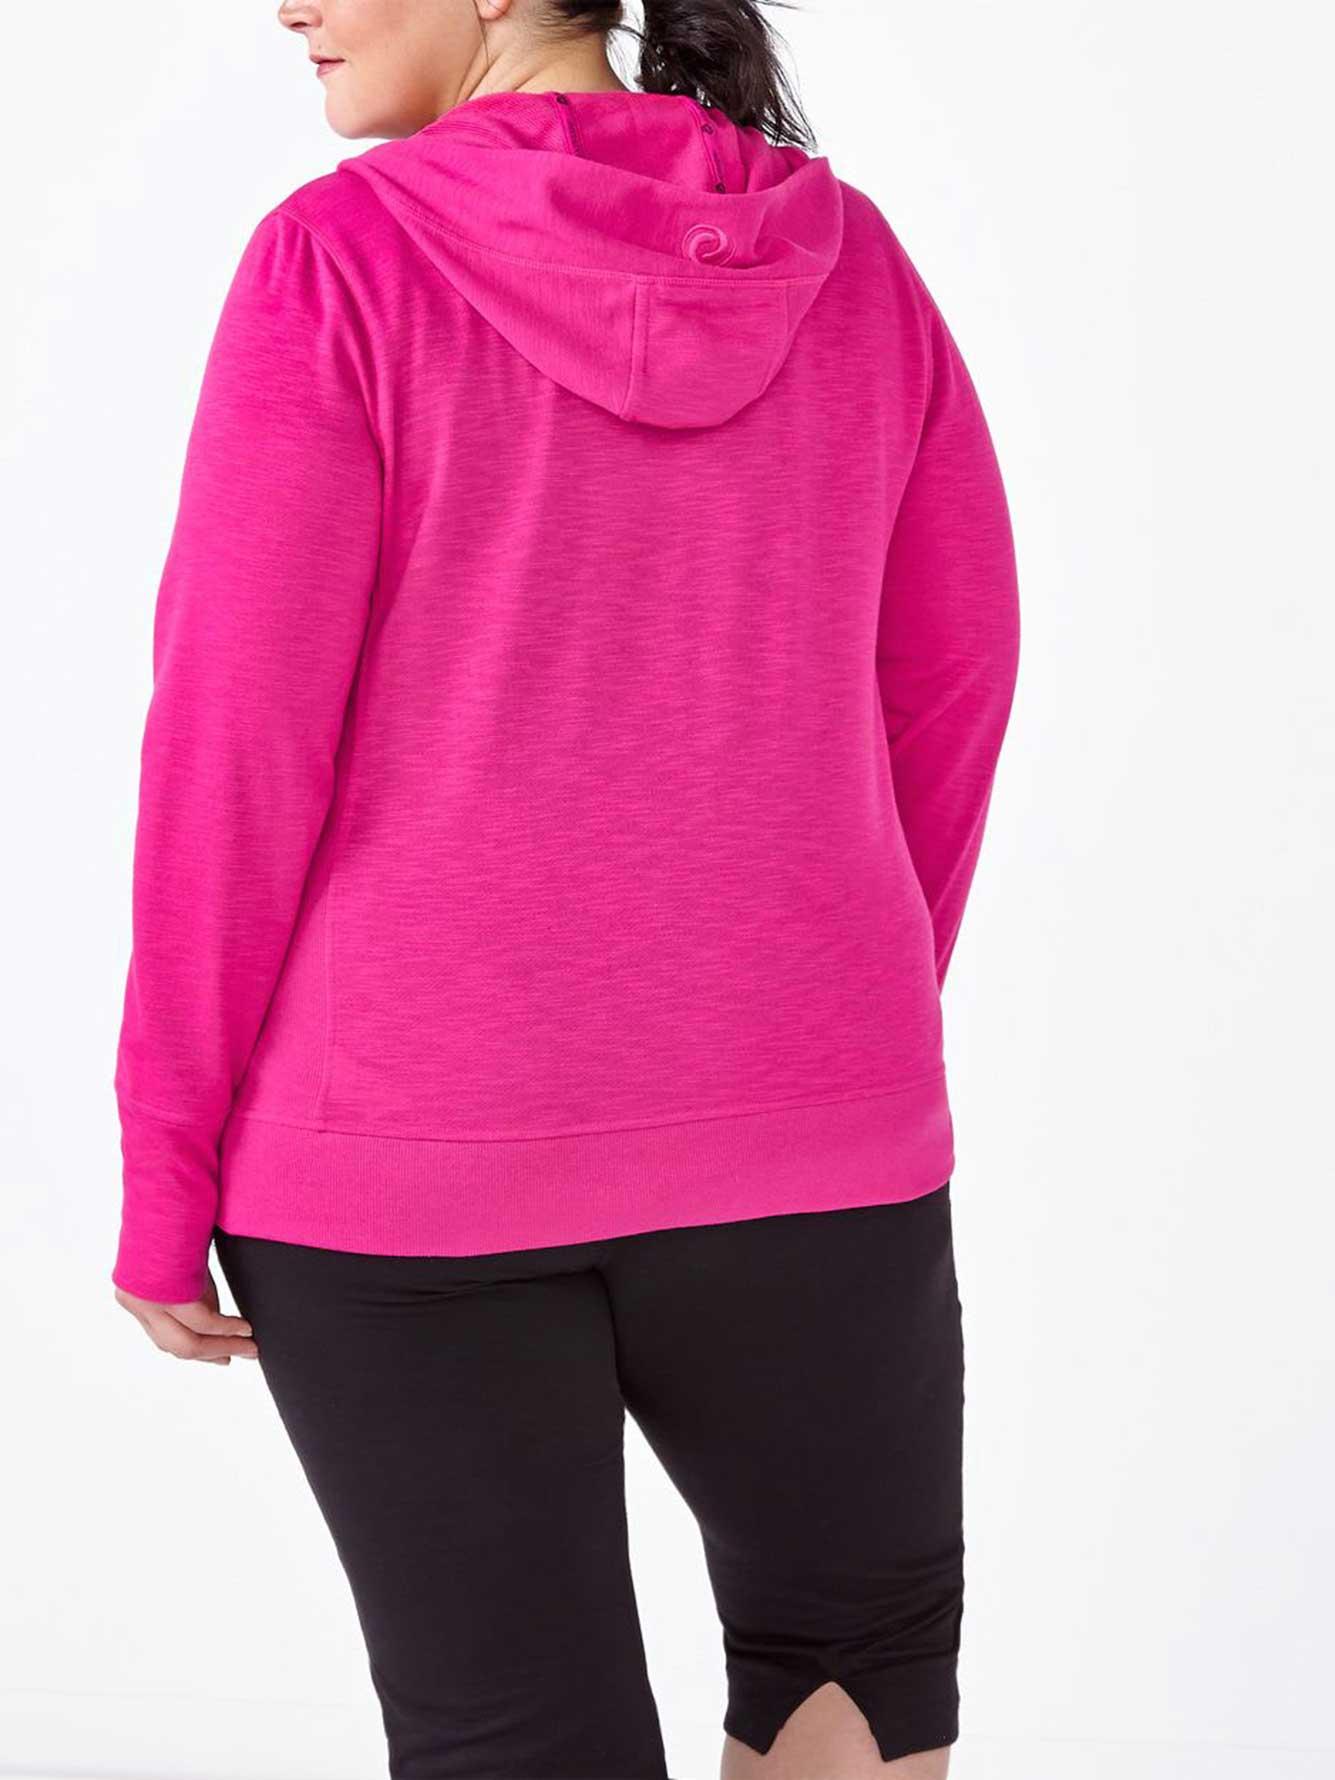 Plus size zip up hoodies